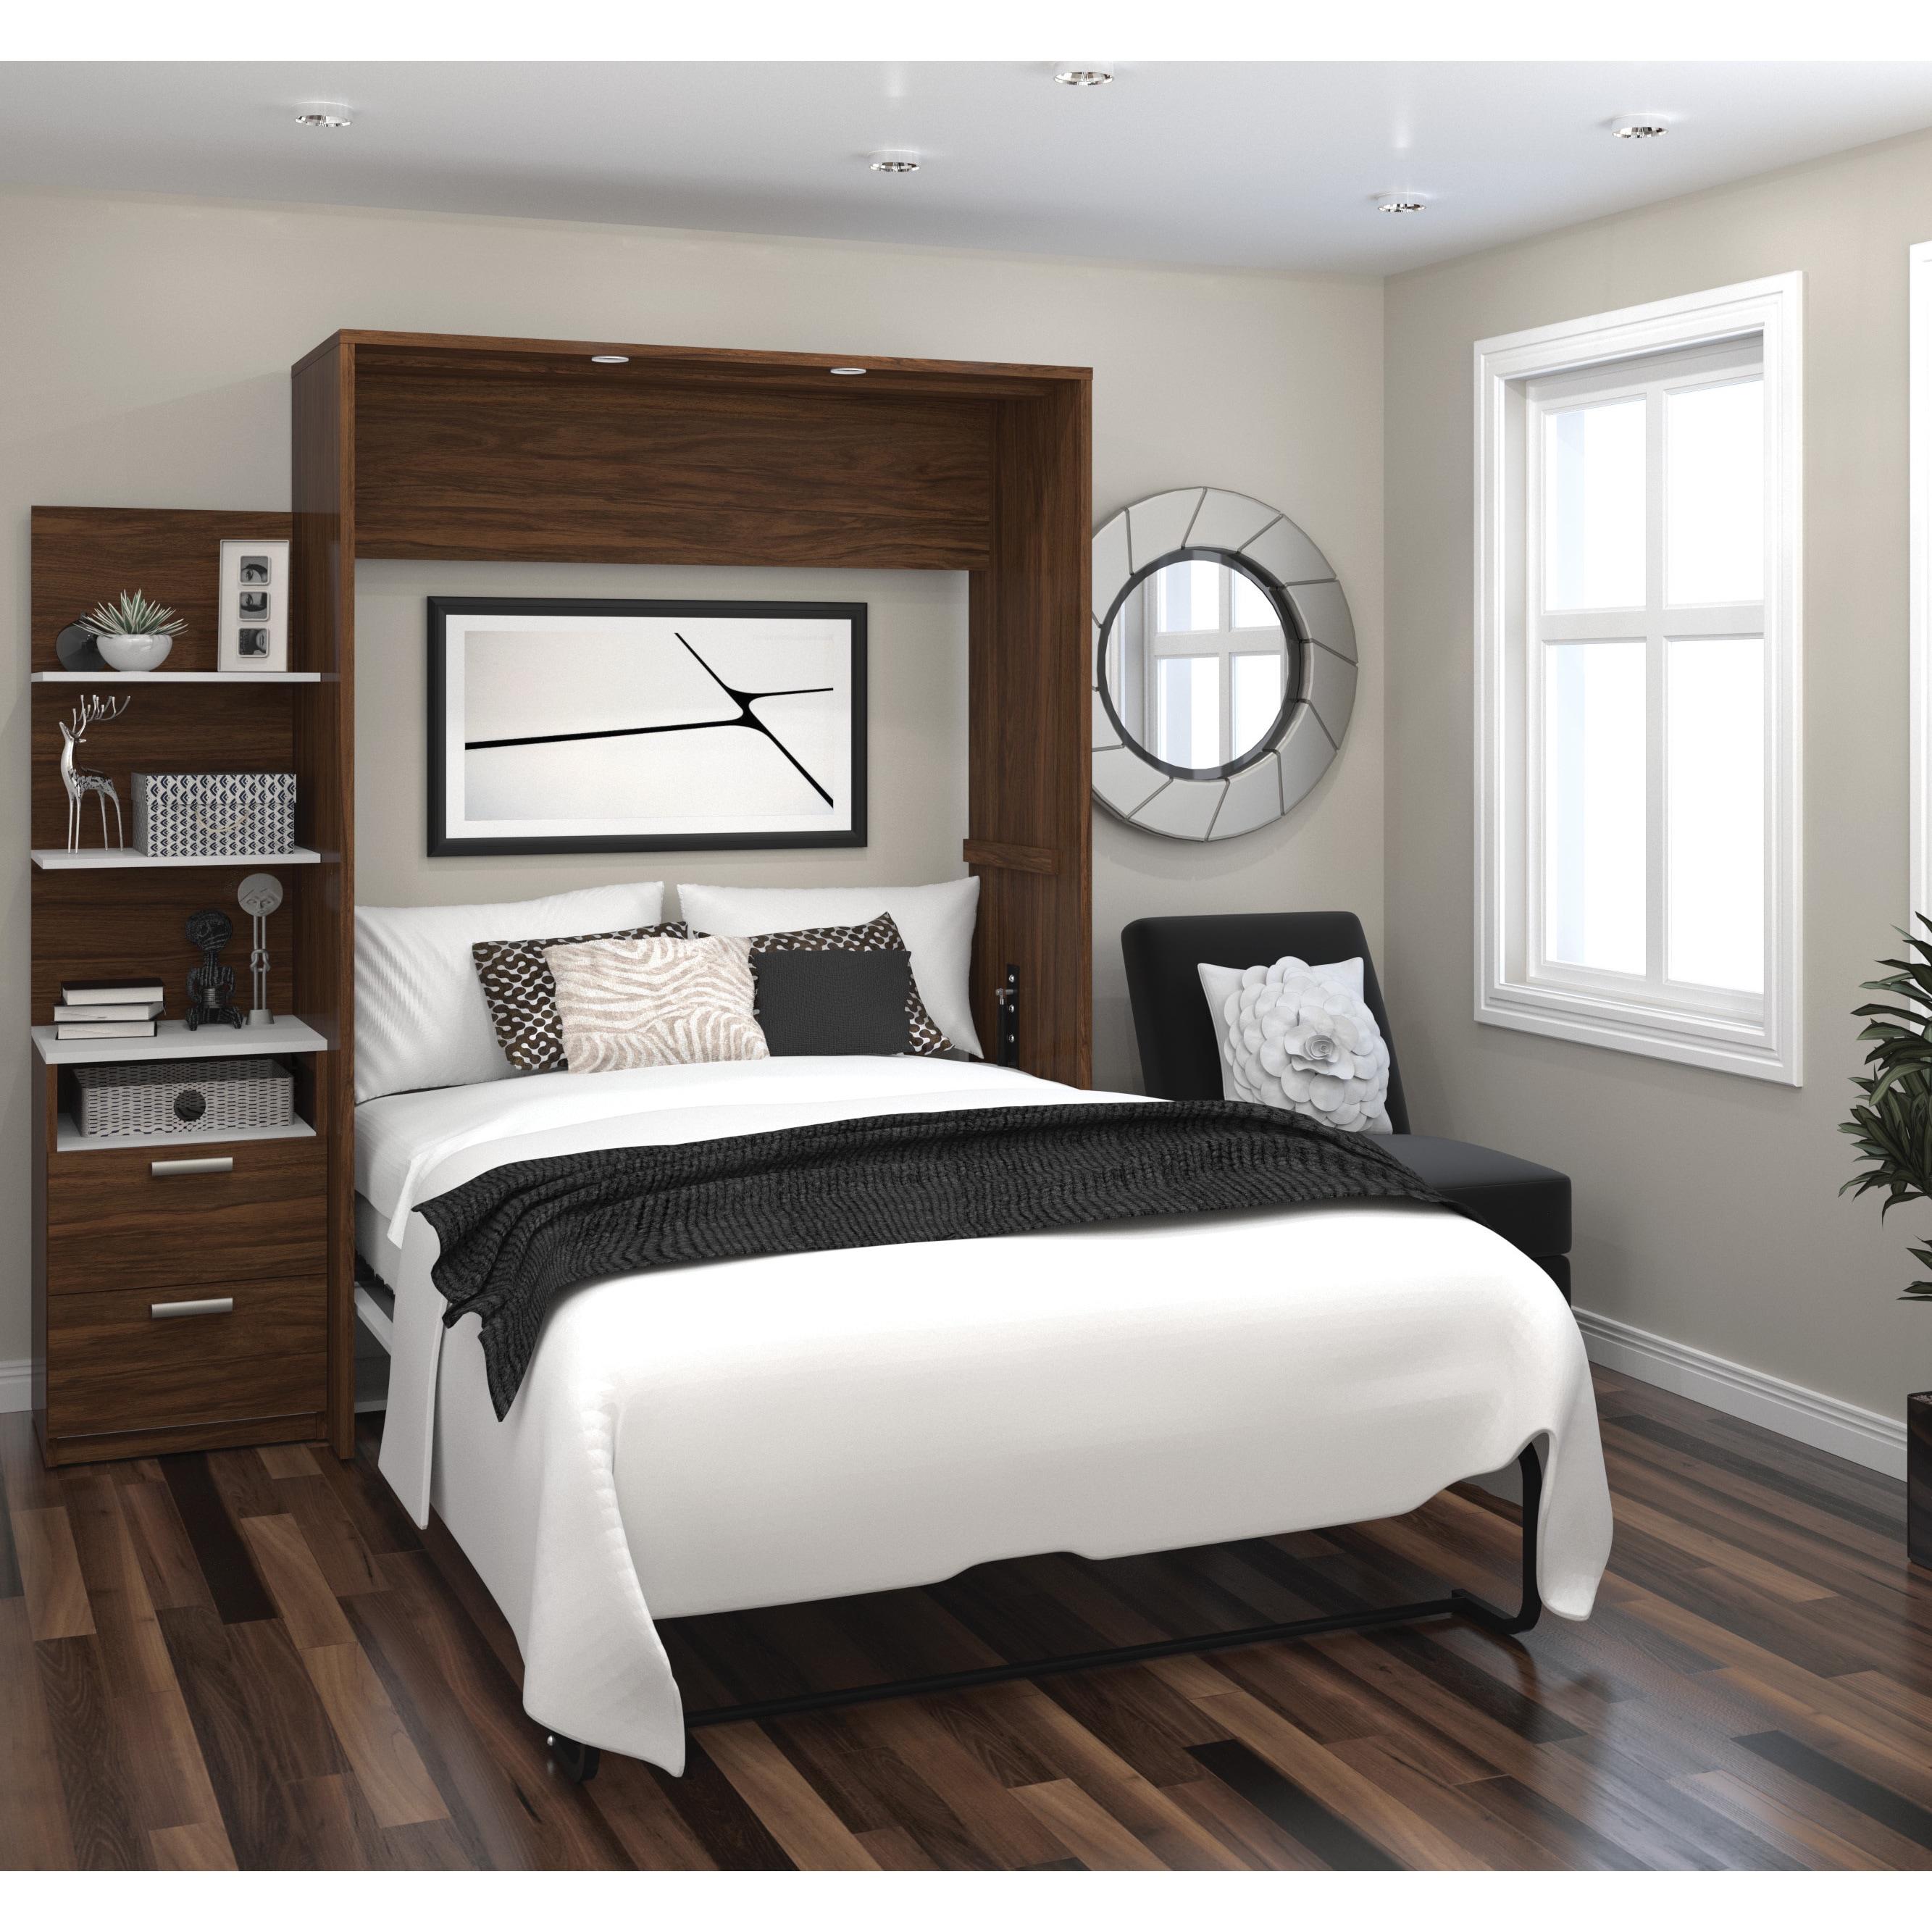 Wall bed kit White Queen Cielo By Bestar Elite 79inch Full Wall Bed Kit Sleepdocsinfo Shop Cielo By Bestar Elite 79inch Full Wall Bed Kit Free Shipping